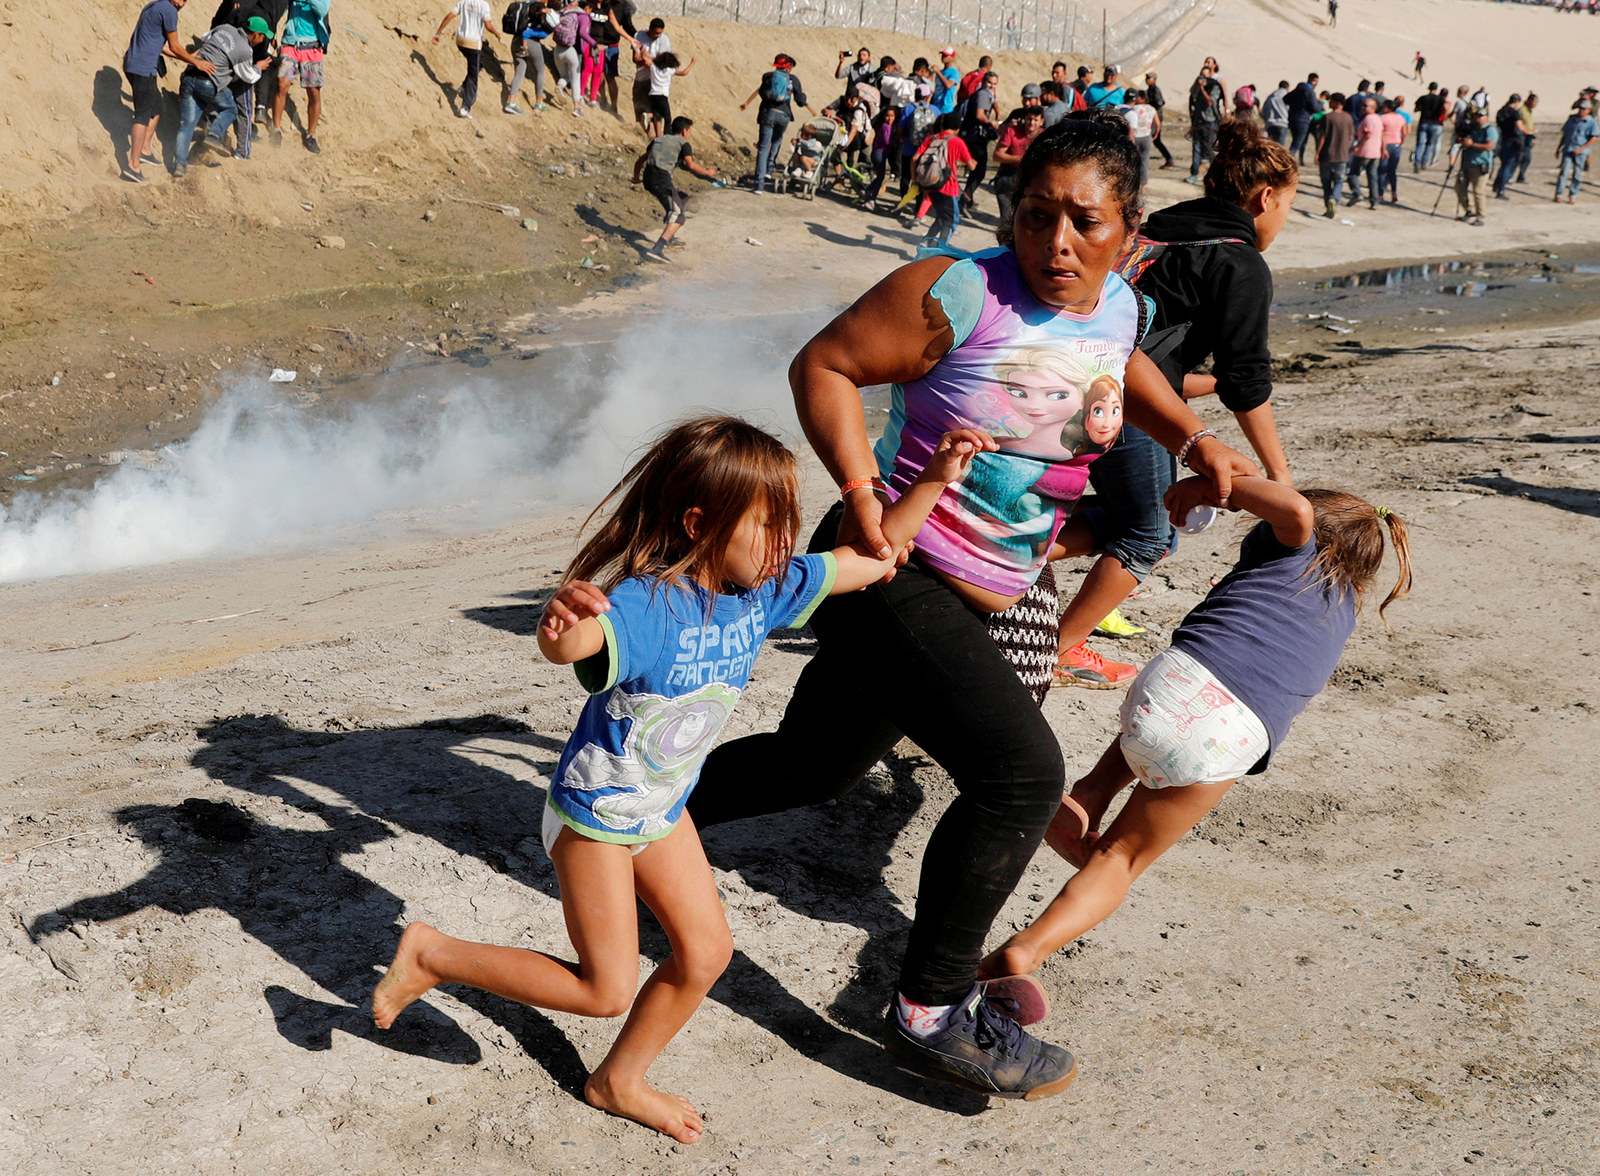 Estas imagens desoladoras mostram a dura realidade dos migrantes da caravana que tenta entrar nos EUA